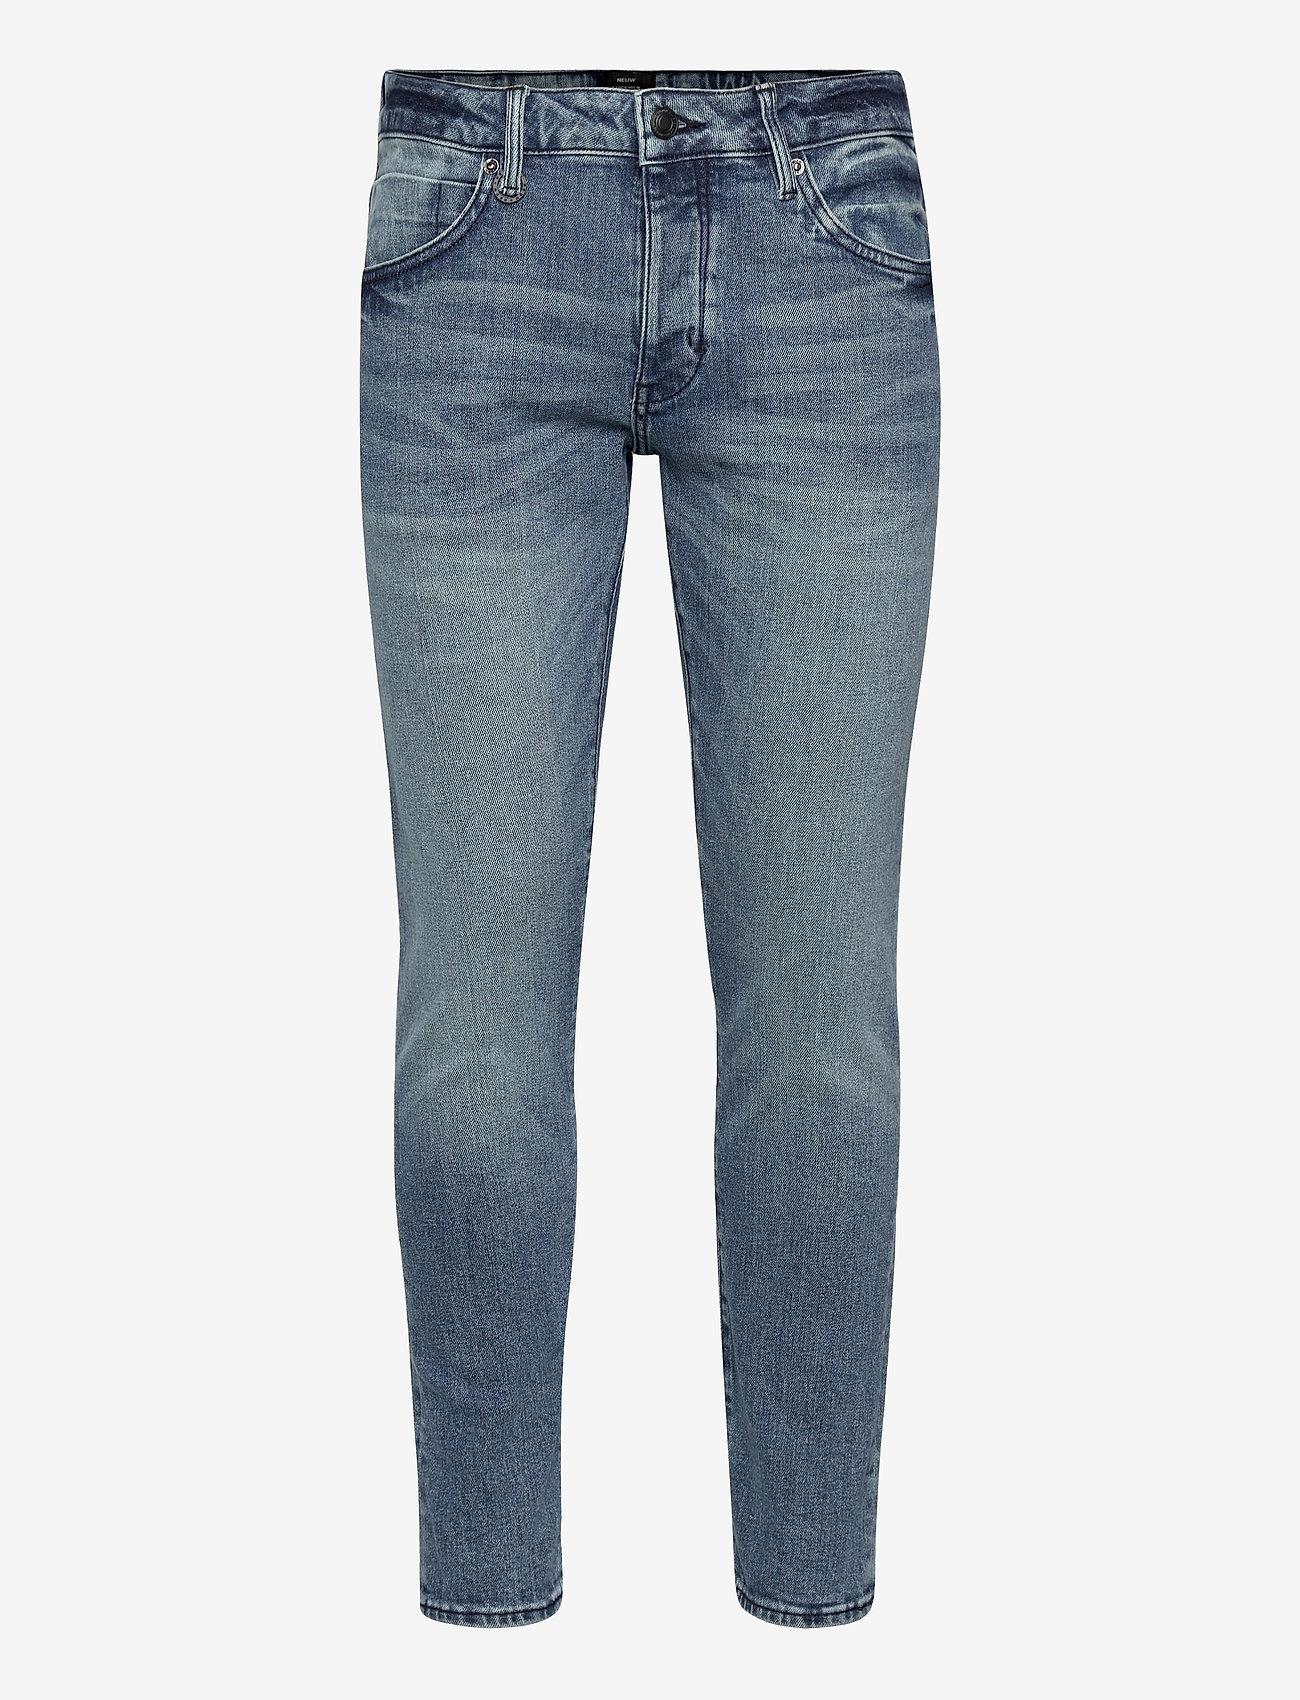 NEUW - IGGY SKINNY - skinny jeans - ceremony - 0